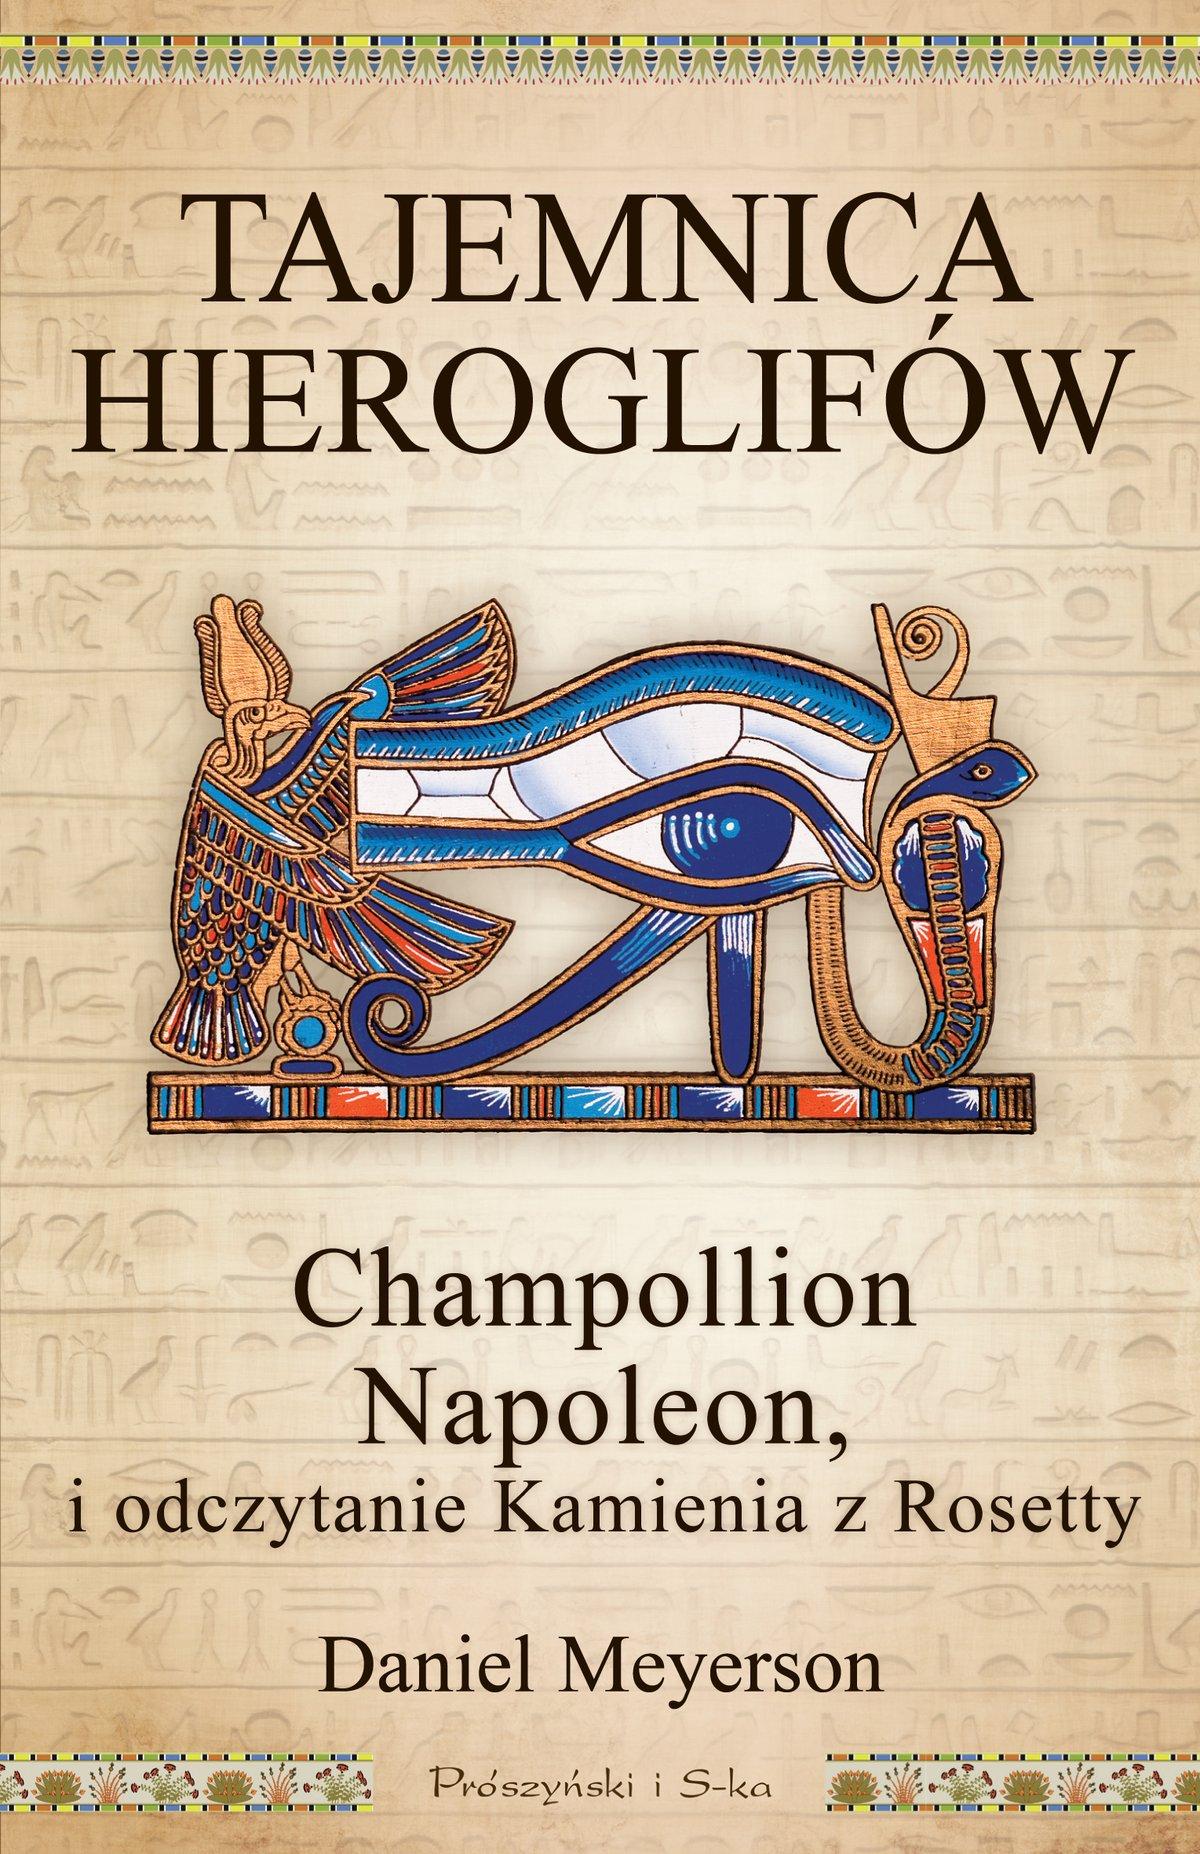 Tajemnica hieroglifów. Champollion, Napoleon i odczytanie Kamienia z Rosetty - Ebook (Książka EPUB) do pobrania w formacie EPUB